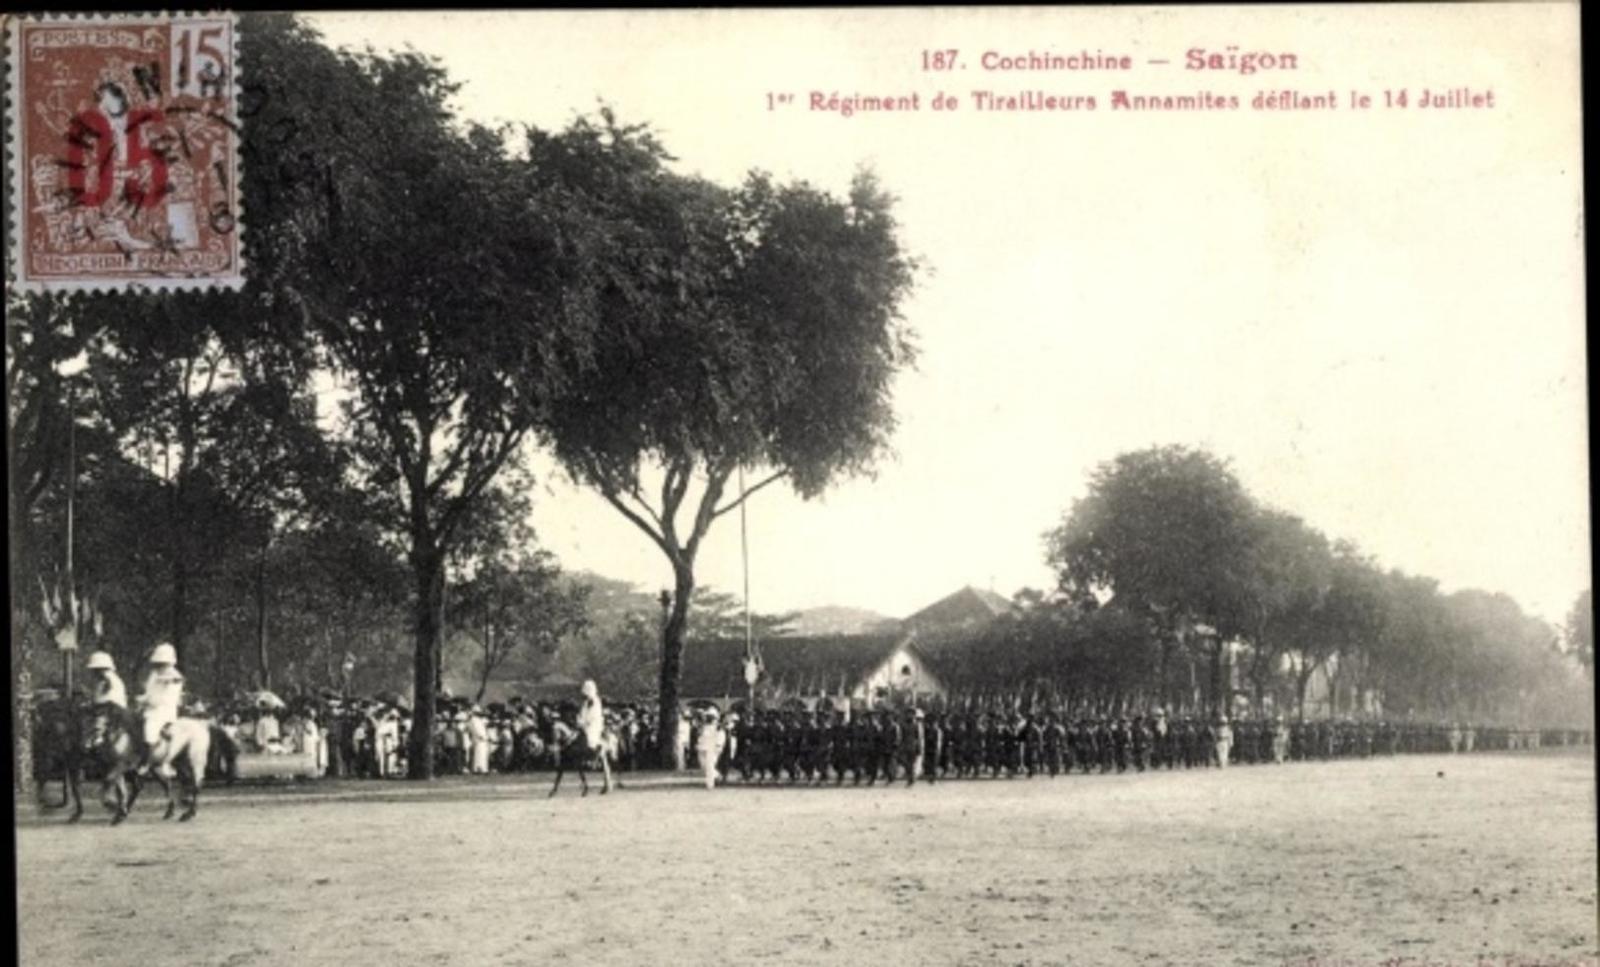 Hô Chi Minh-Ville -  Cp Saigon Cochinchine Vietnam, 1er Régiment de Tirailleurs Annamites défilant le 14 Juillet